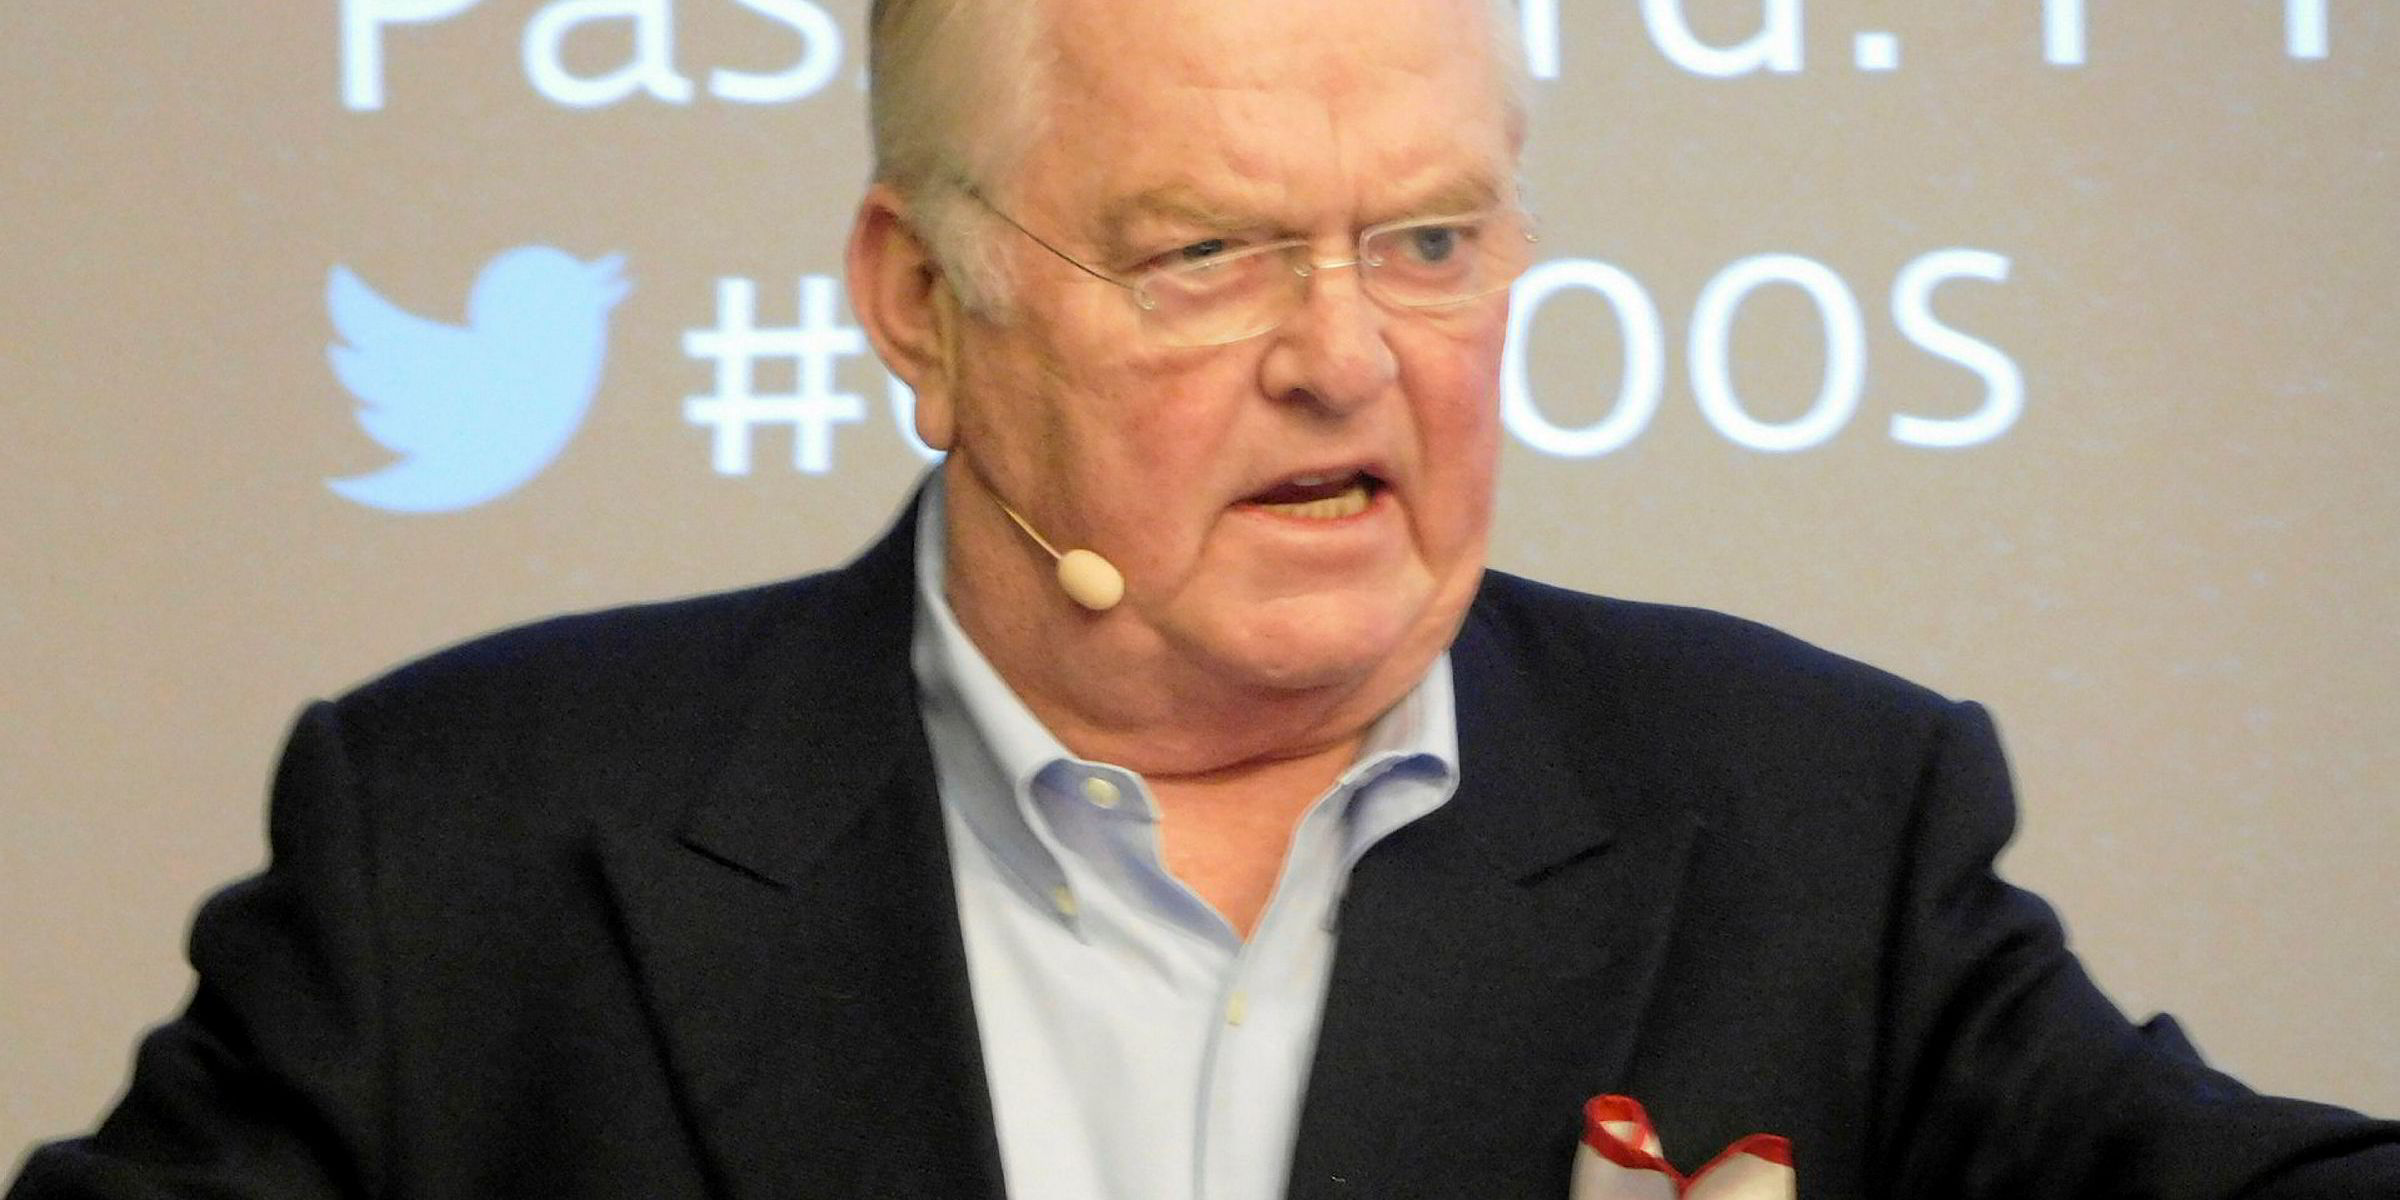 Herbjørn Hansson